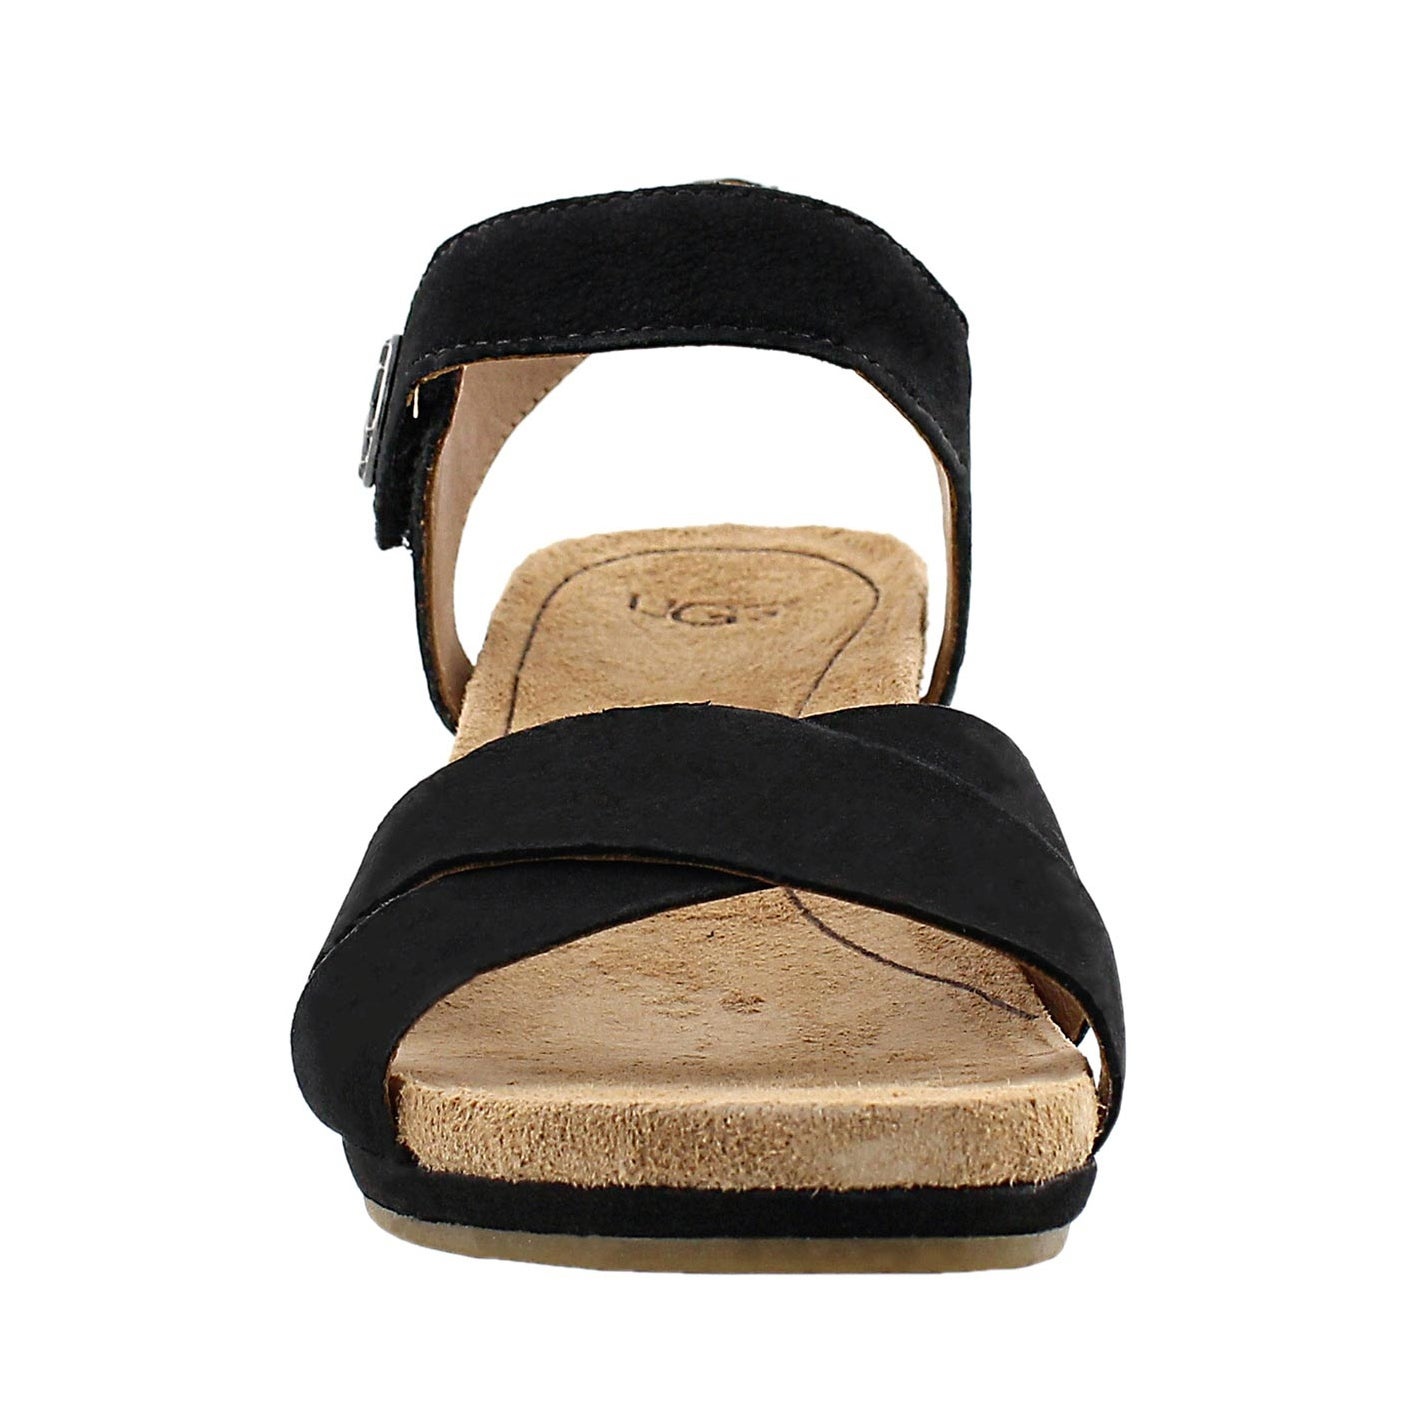 Lds Veva black wedge sandal